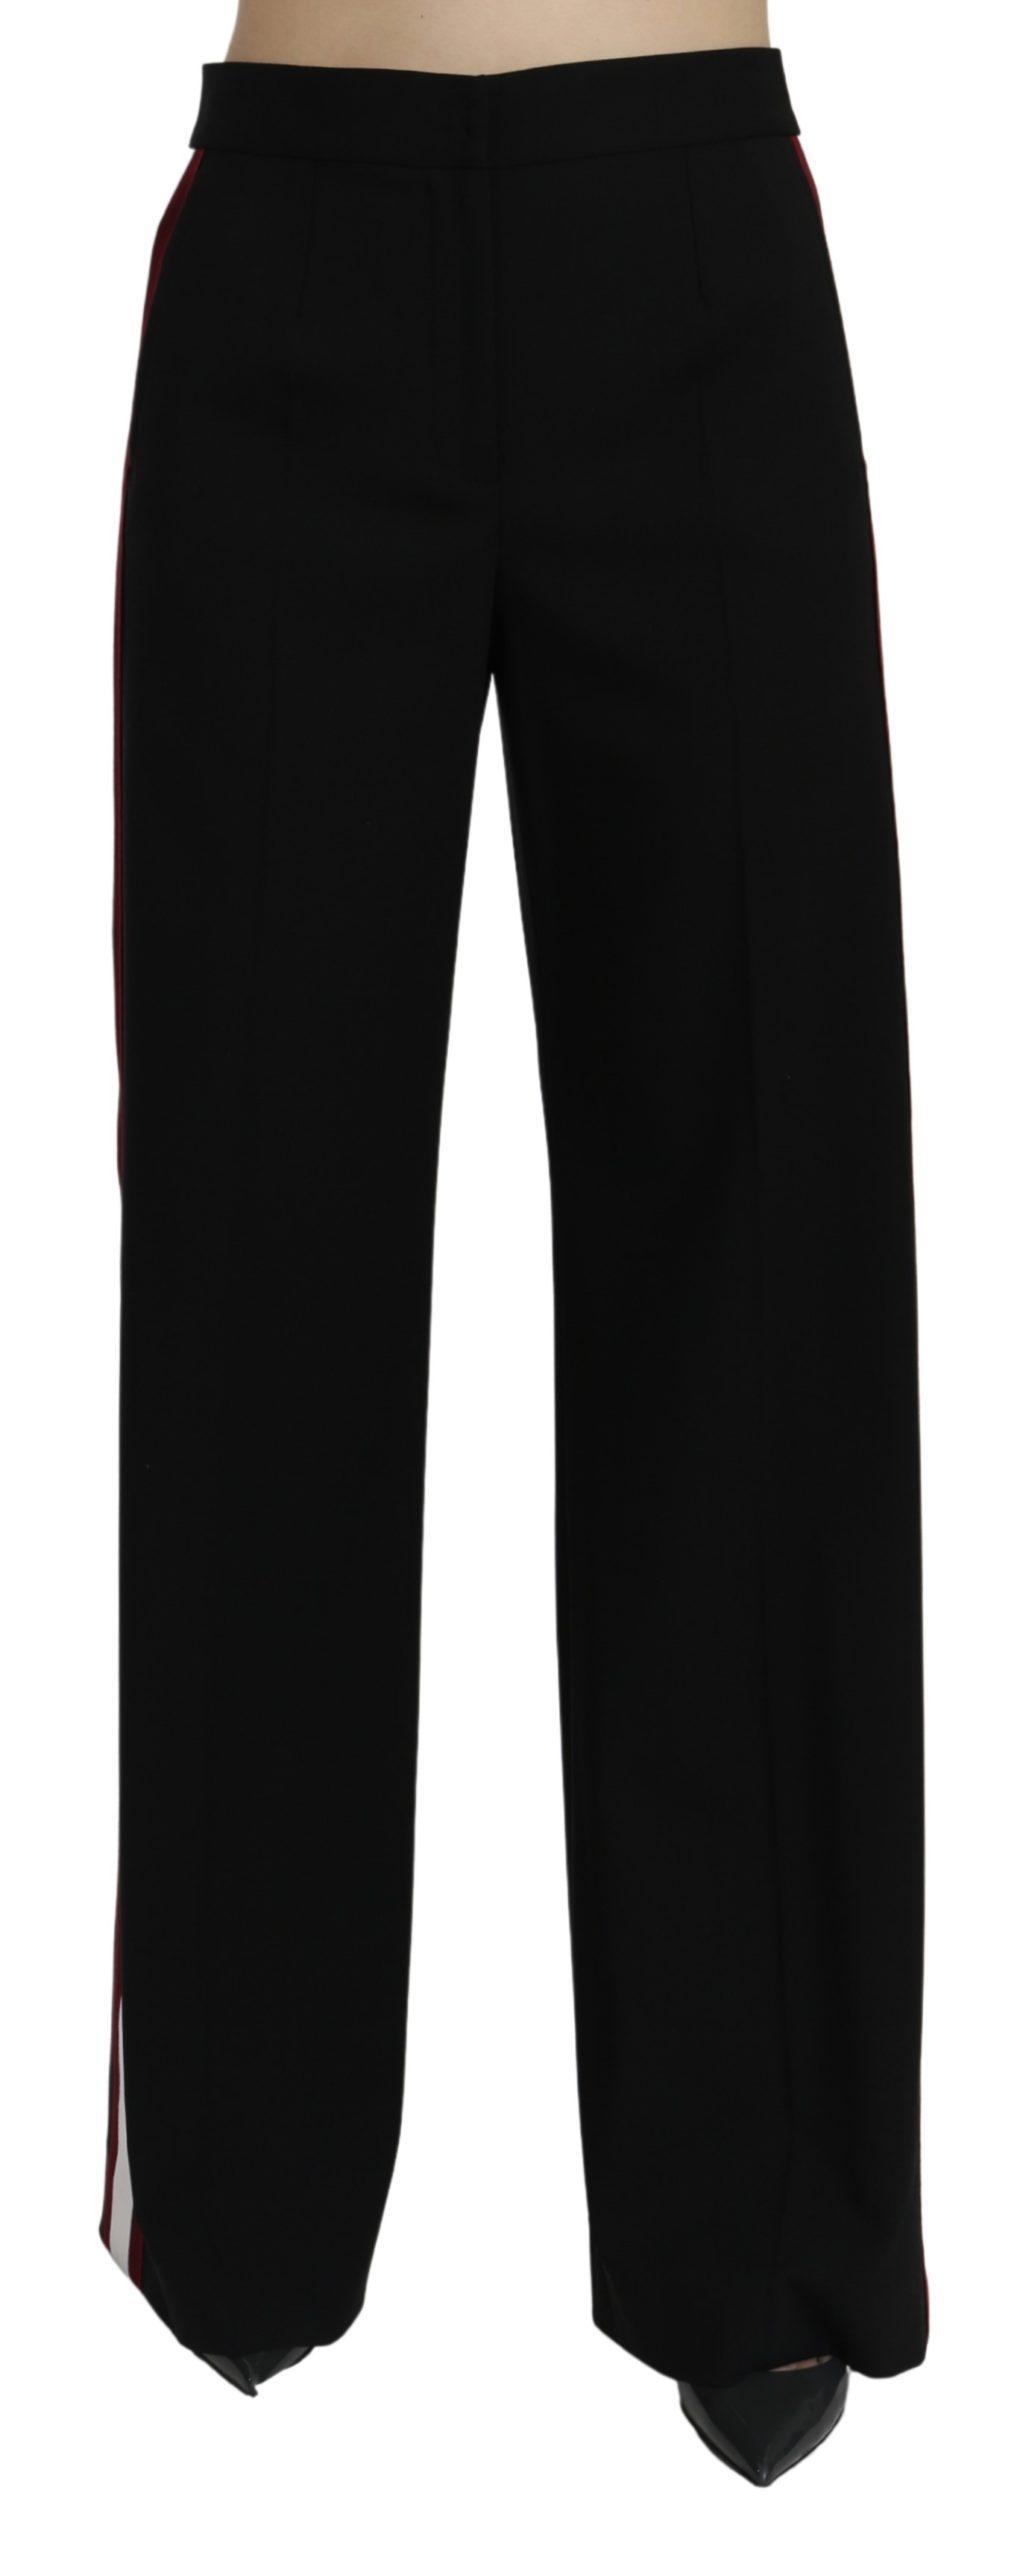 Dolce & Gabbana Women's High Waist Wool Trouser Black PAN71066 - IT40 S